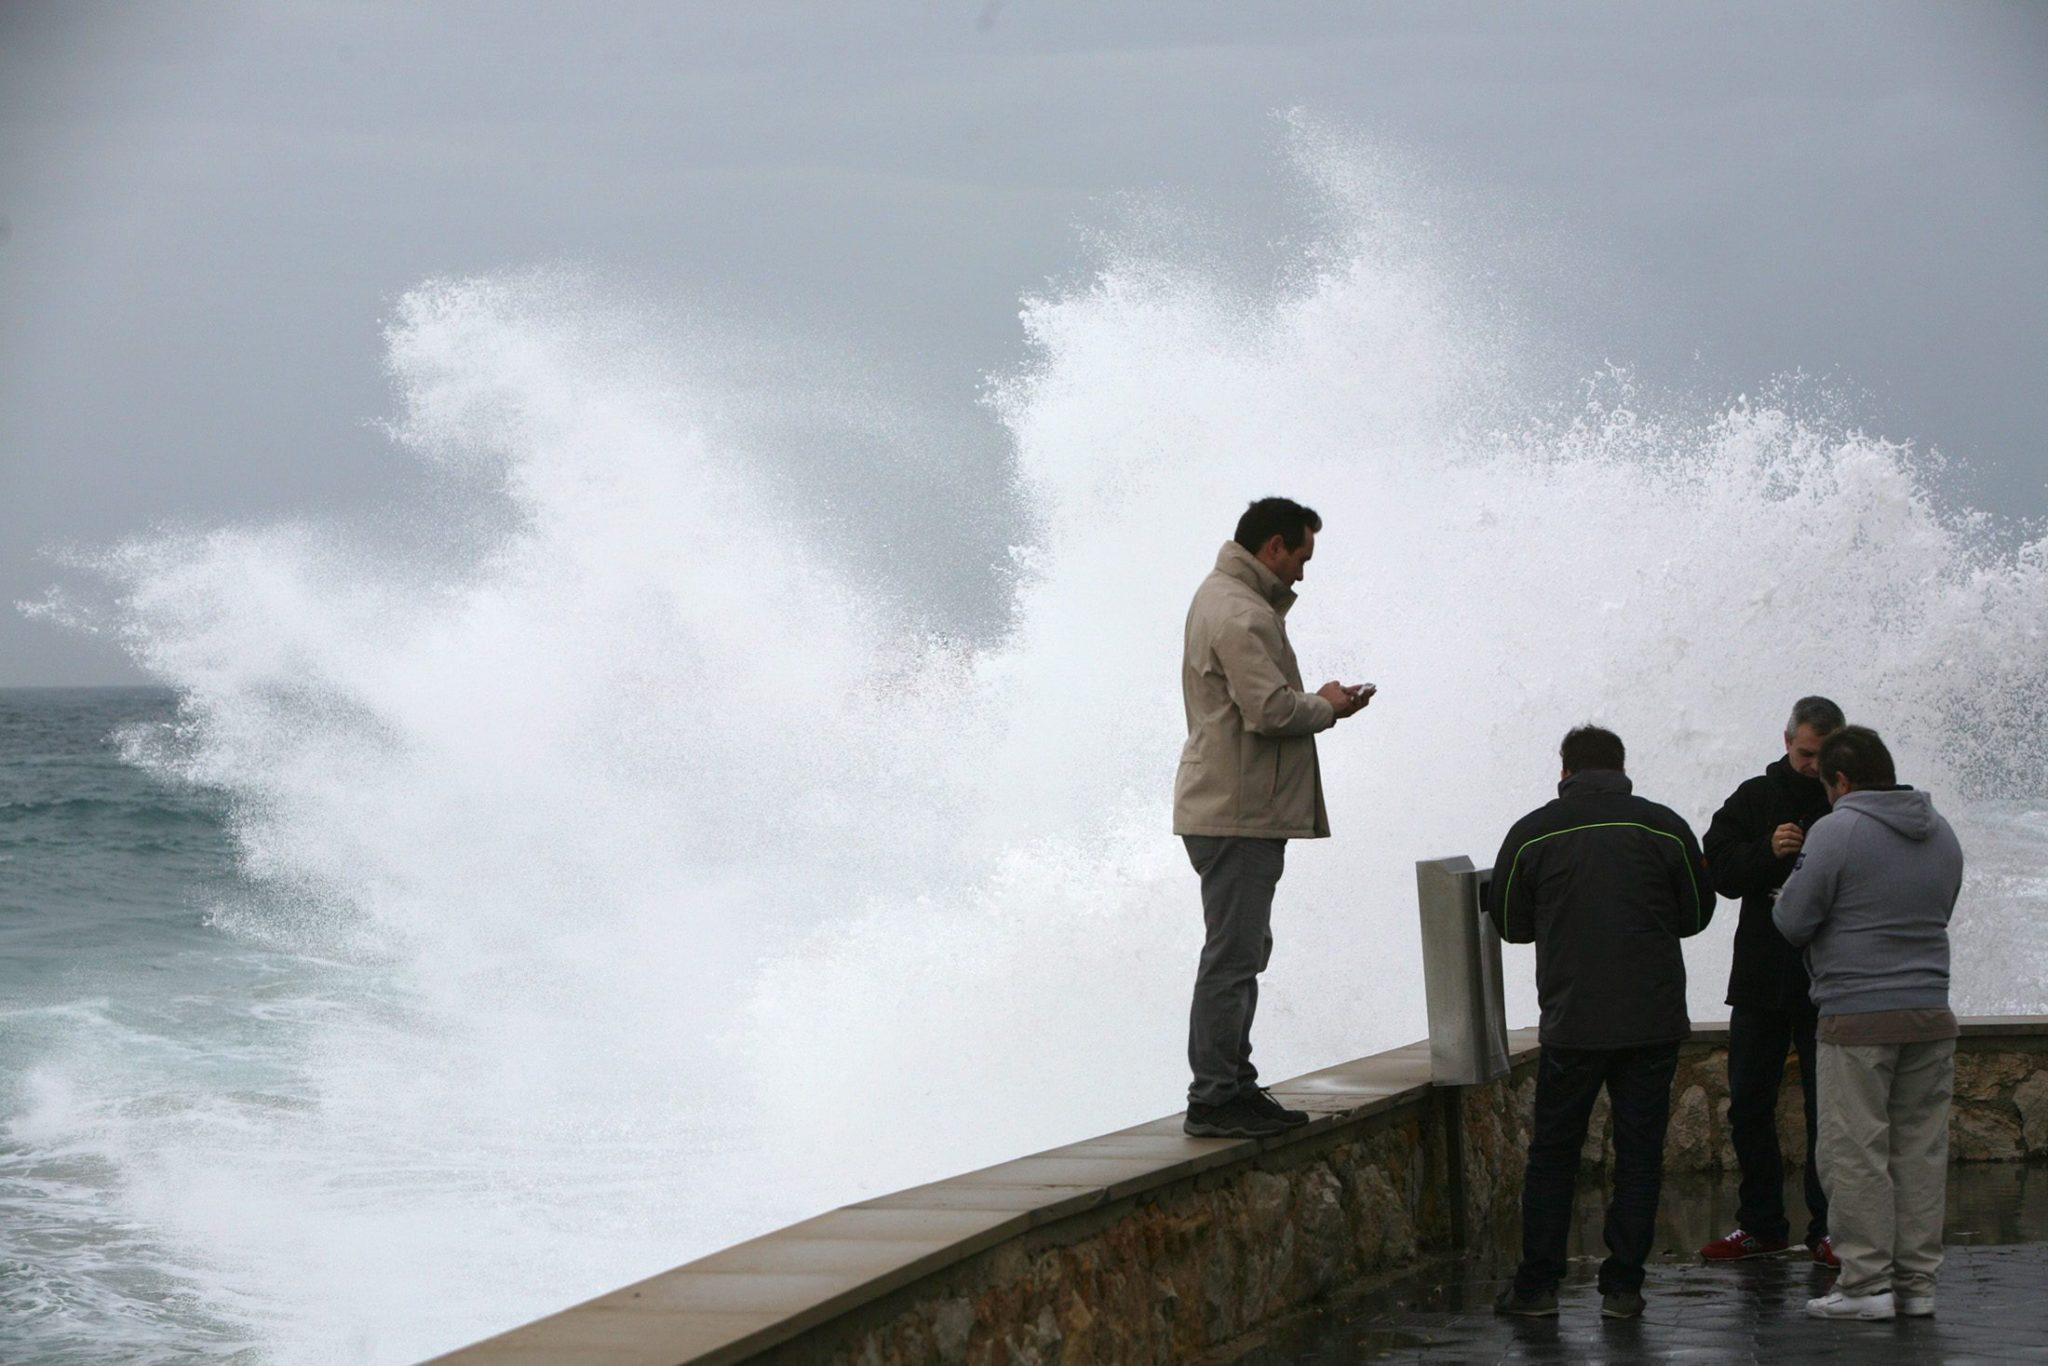 Hiszpania: sztorm w Tarragonie w północno wschodniej części Hiszpanii (foto. PAP/EPA/JAUME SELLART)